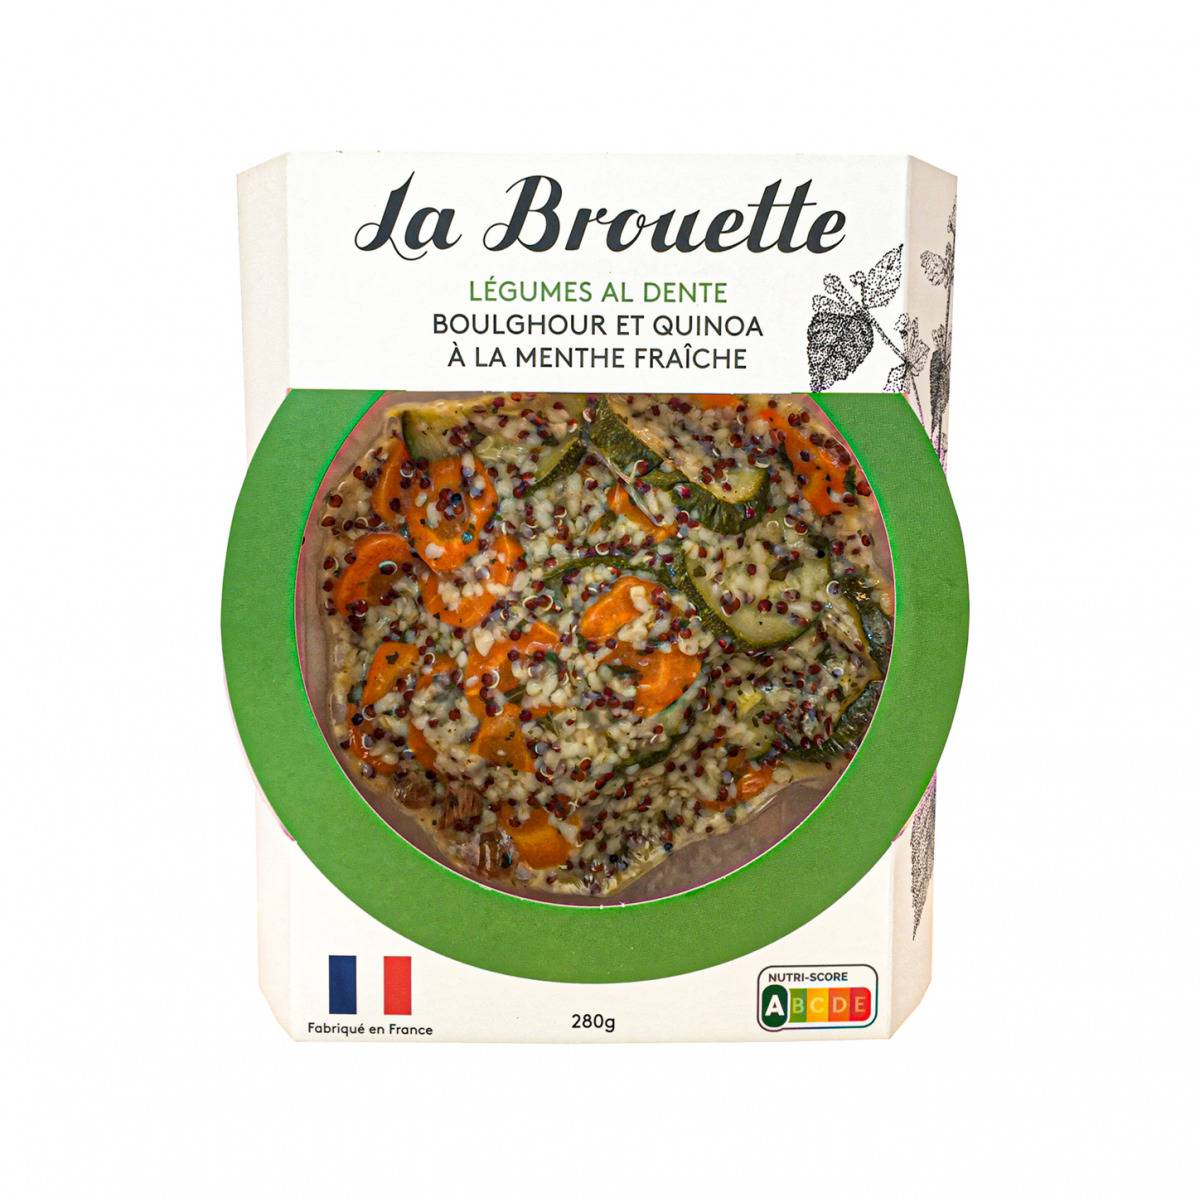 La Brouette Pour 1 Pers. - Légumes Al Dente Boulghour & Quinoa  À La Menthe Fraîche